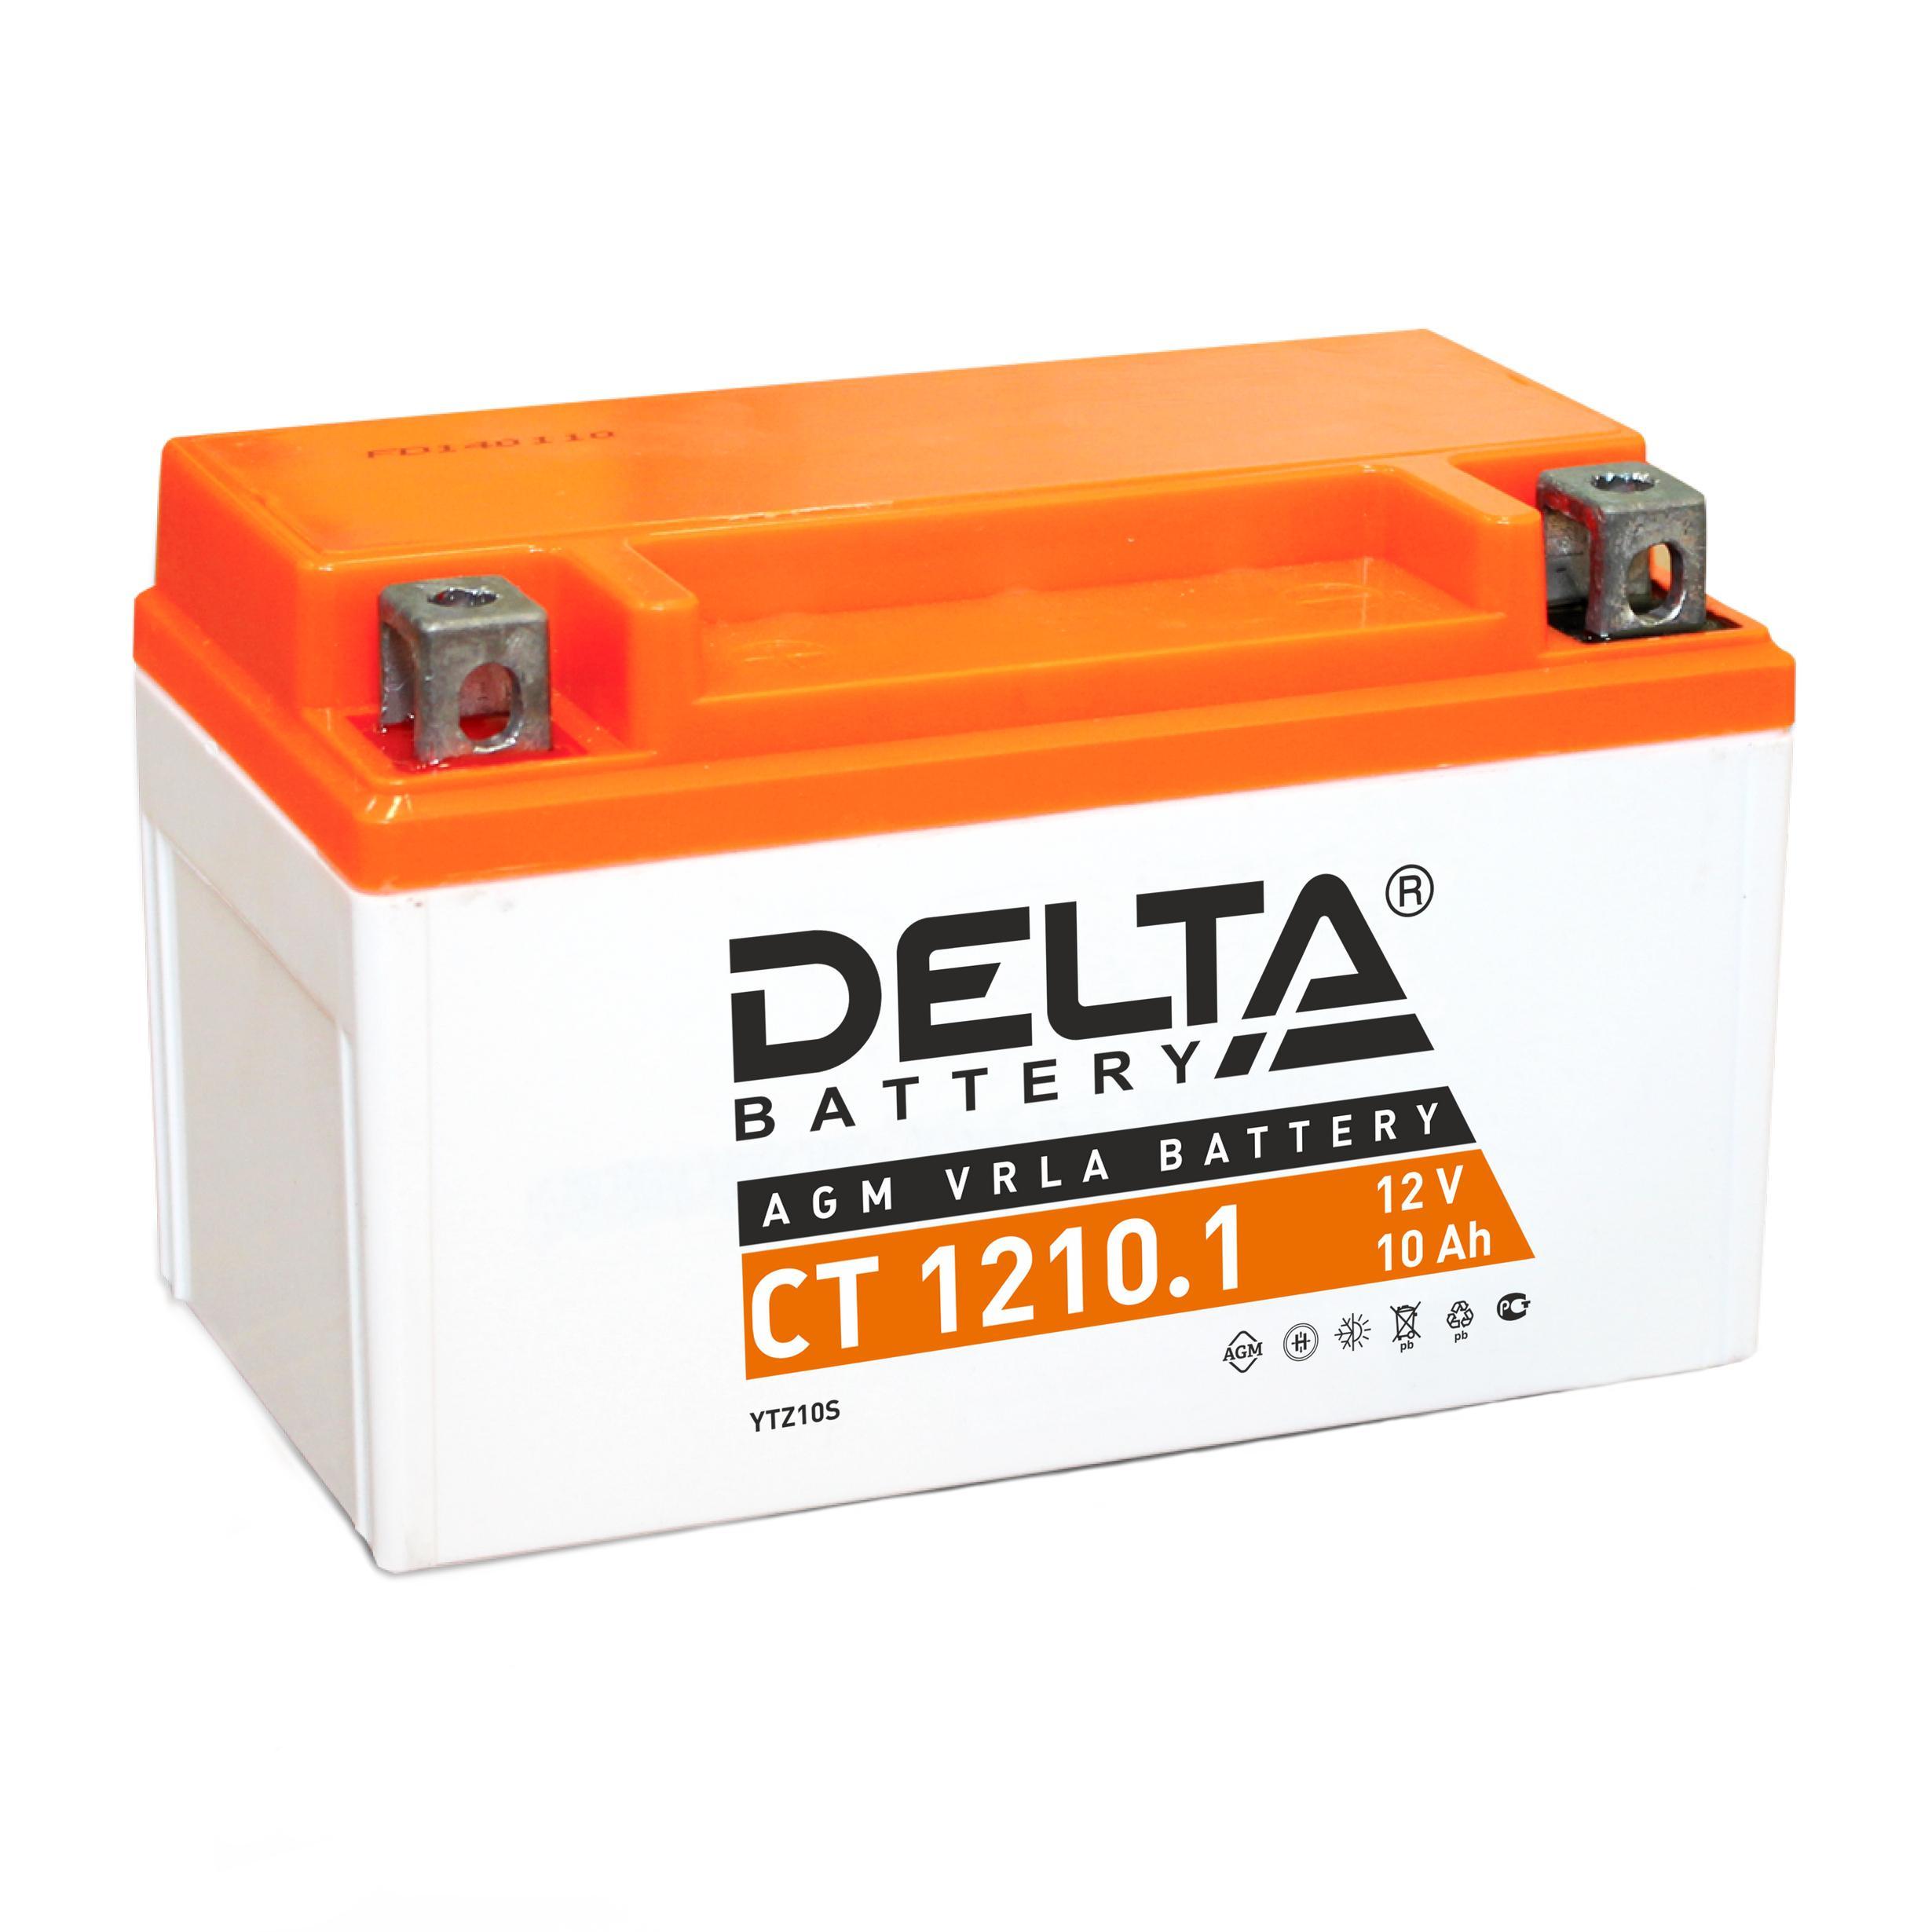 Аккумулятор Delta Ct 1210.1 аккумулятор для мототехники delta battery ct 1207